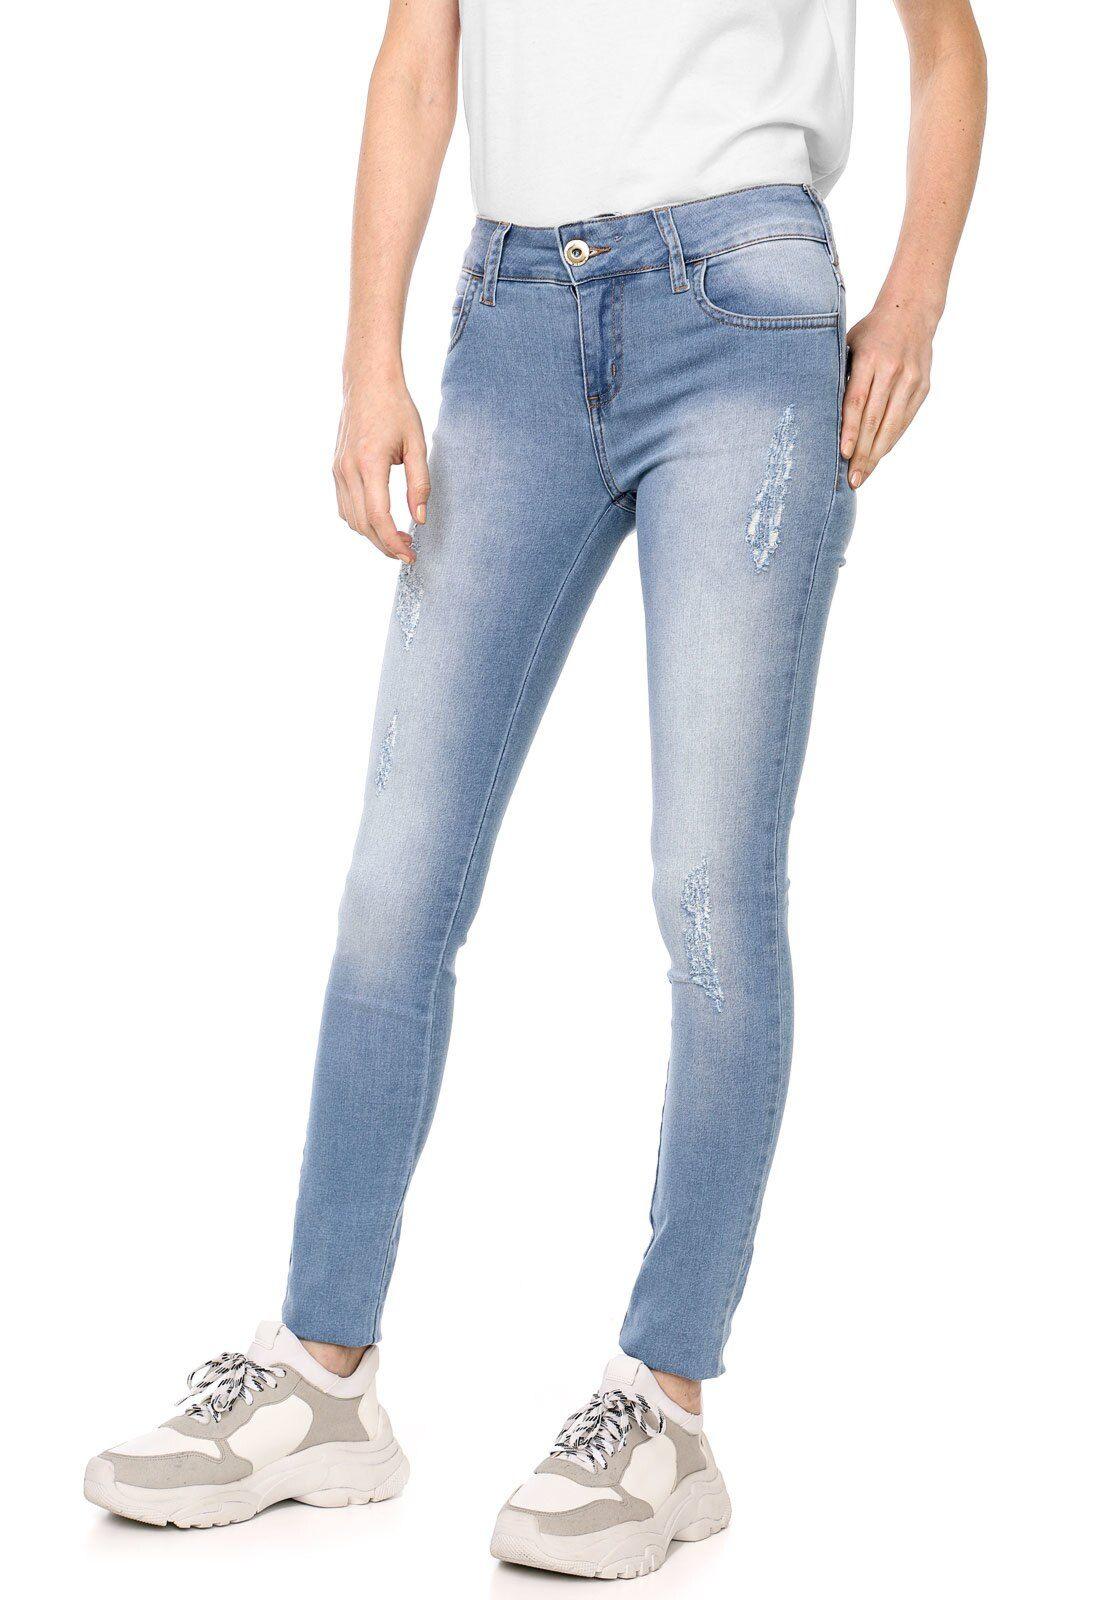 Calca Jeans Colcci Skinny Fatima Azul Em 2020 Calca Jeans Colcci